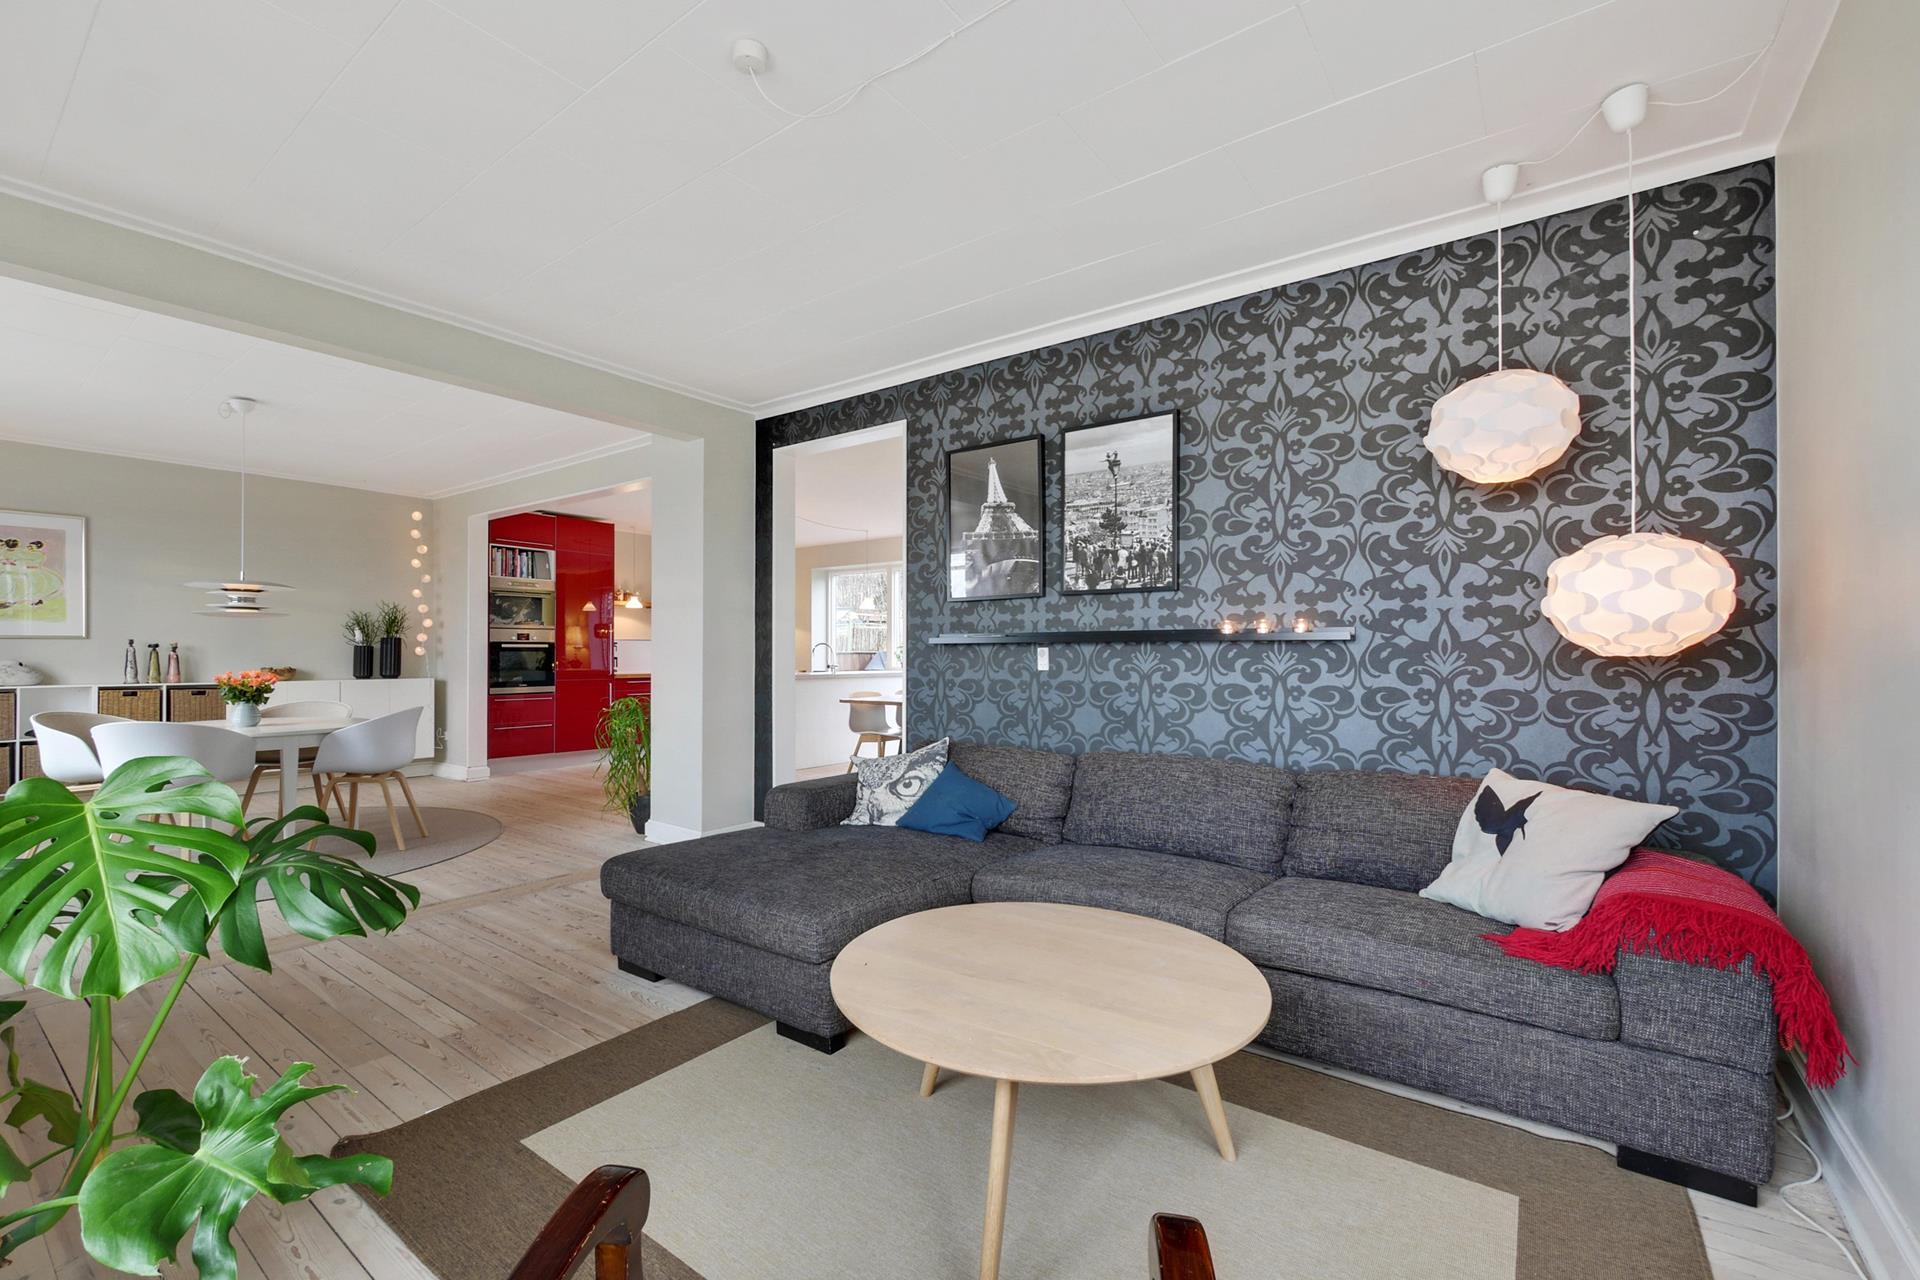 Casa danesa real aunque cueste creer blog tienda for Casa decoracion catalogo